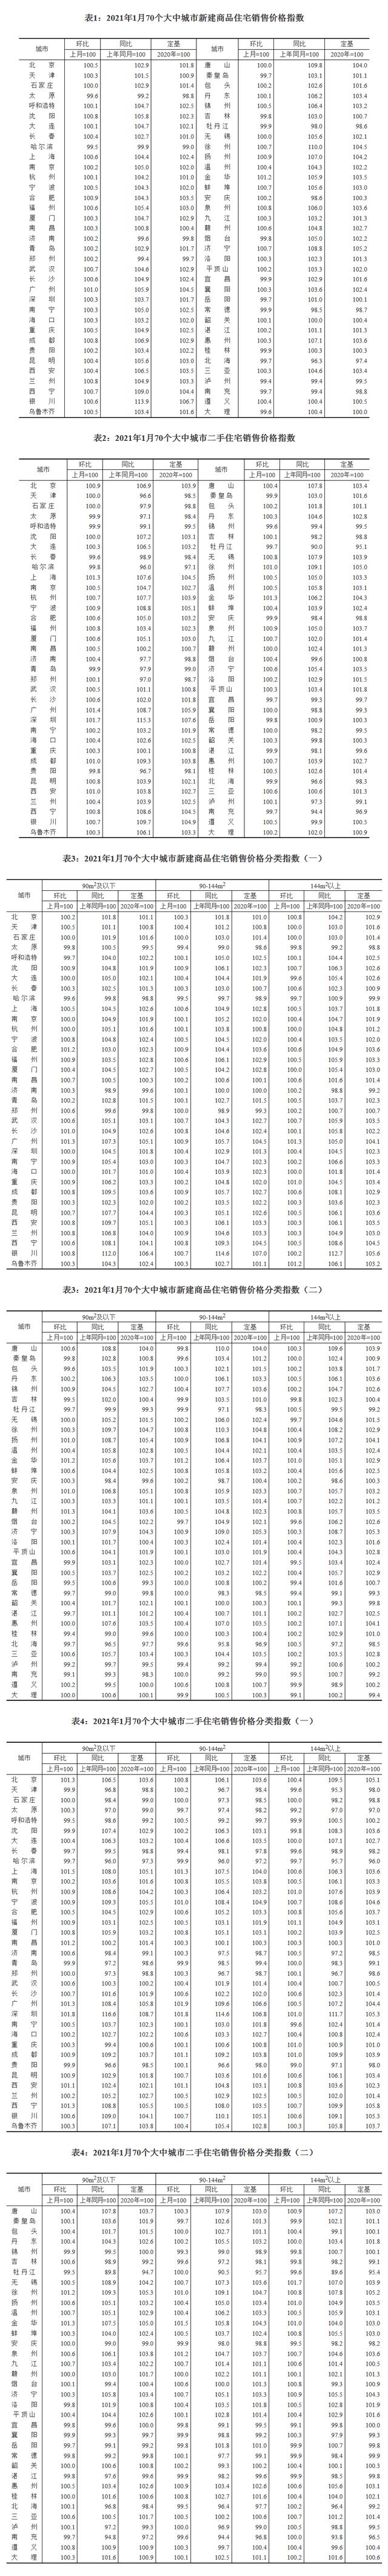 国家统计局:70城1月房价出炉!天津新房价格环比上涨0.3%